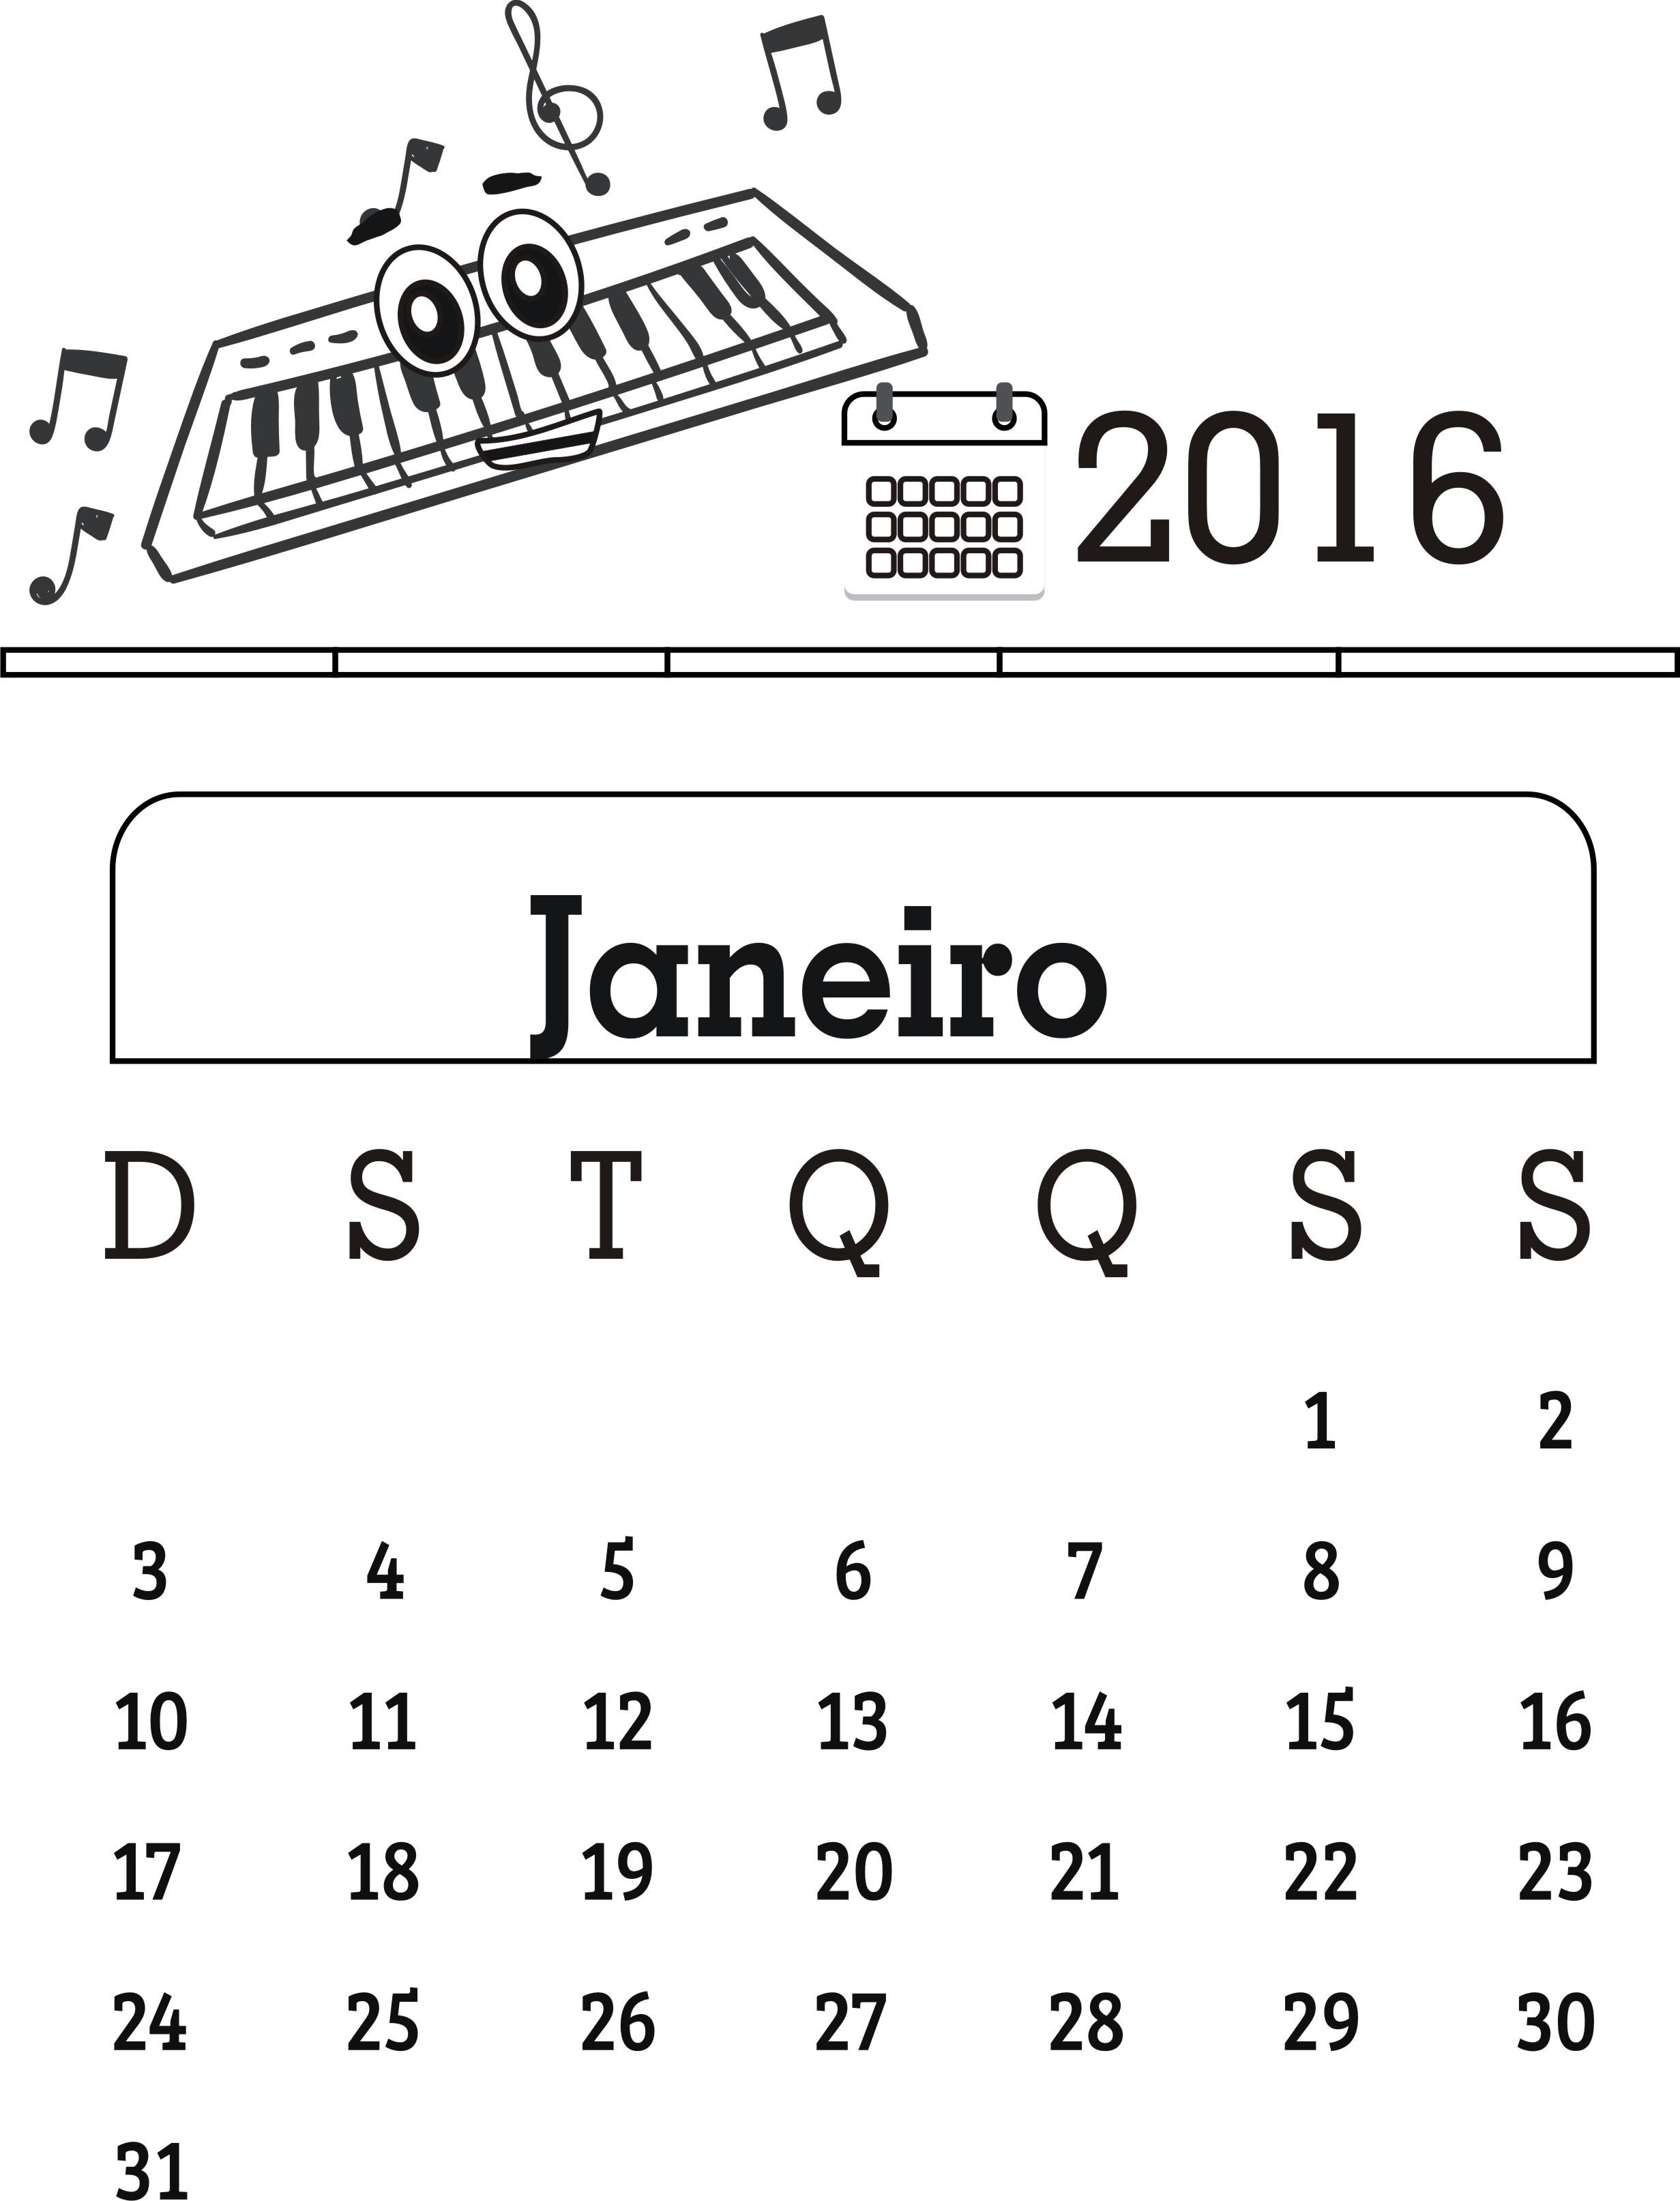 Calendário De Mesa 2017 Para Imprimir Recientes Calendario Para Colorir Calendário Desenho Para Colorir Ultra Of Calendário De Mesa 2017 Para Imprimir Más Caliente Partilhando Ideias Calendrio 2018 Calendrio T